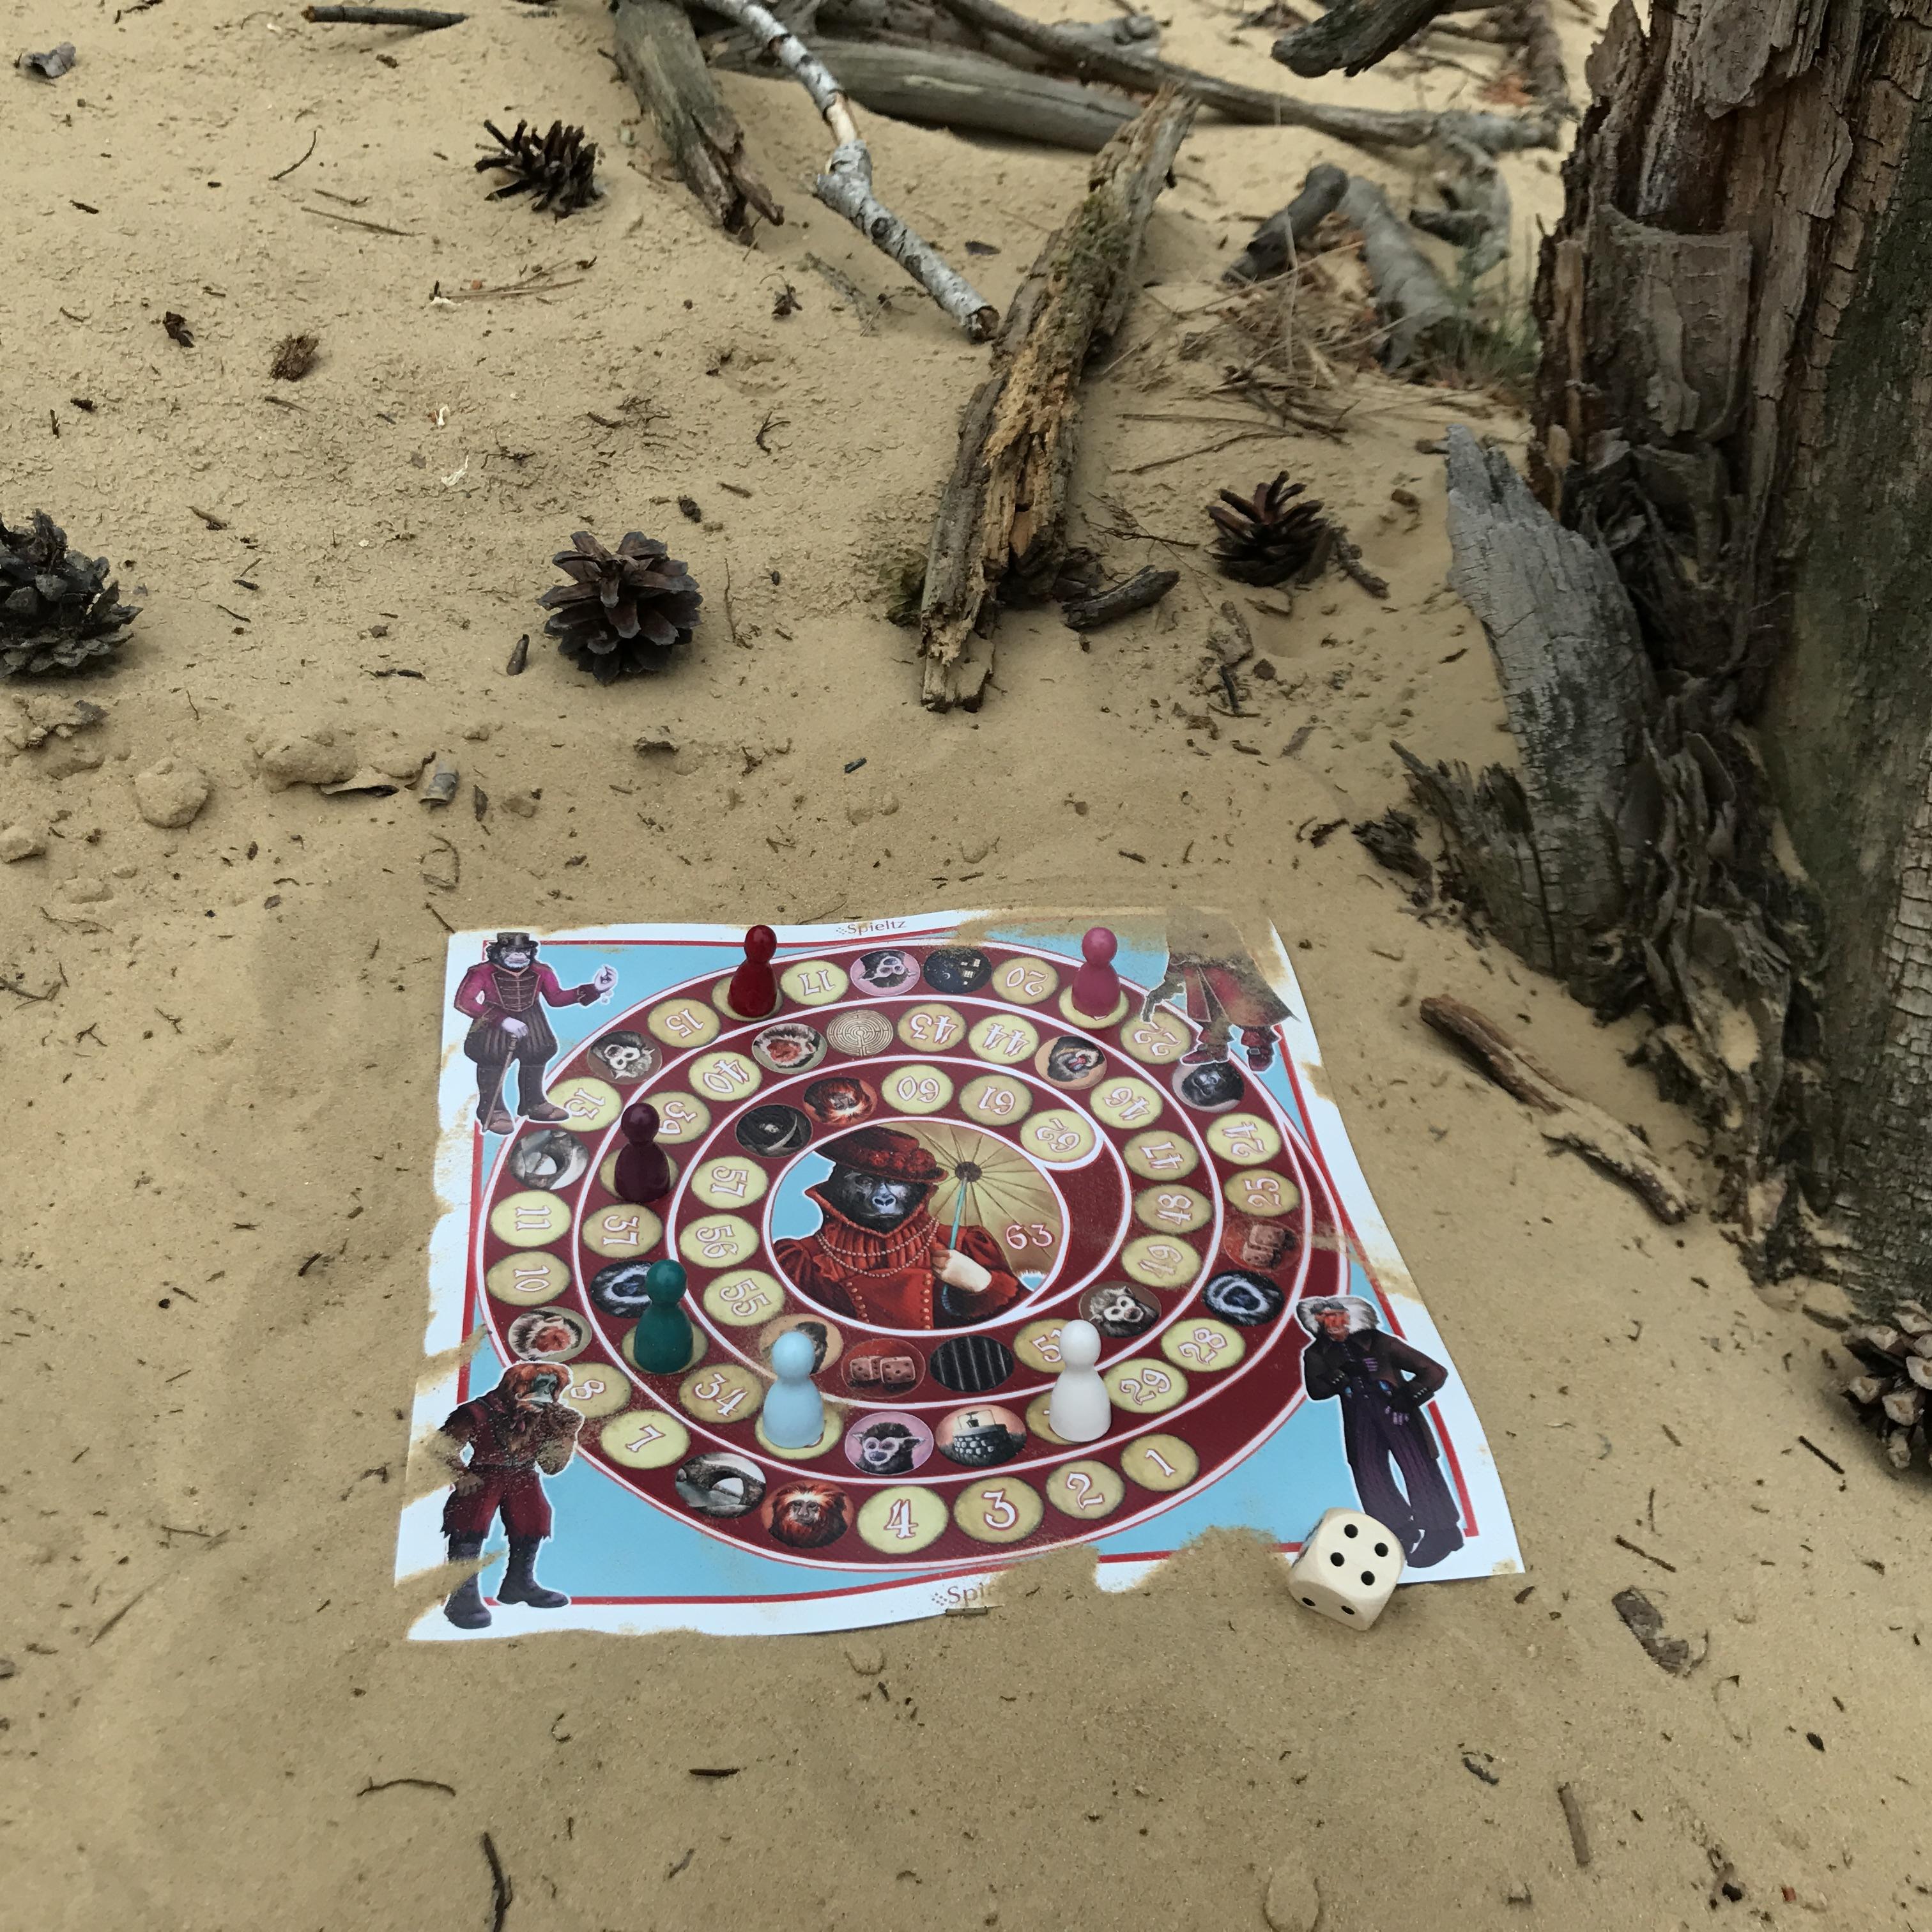 reisespiel-affenspiel-am-strand-spieltz